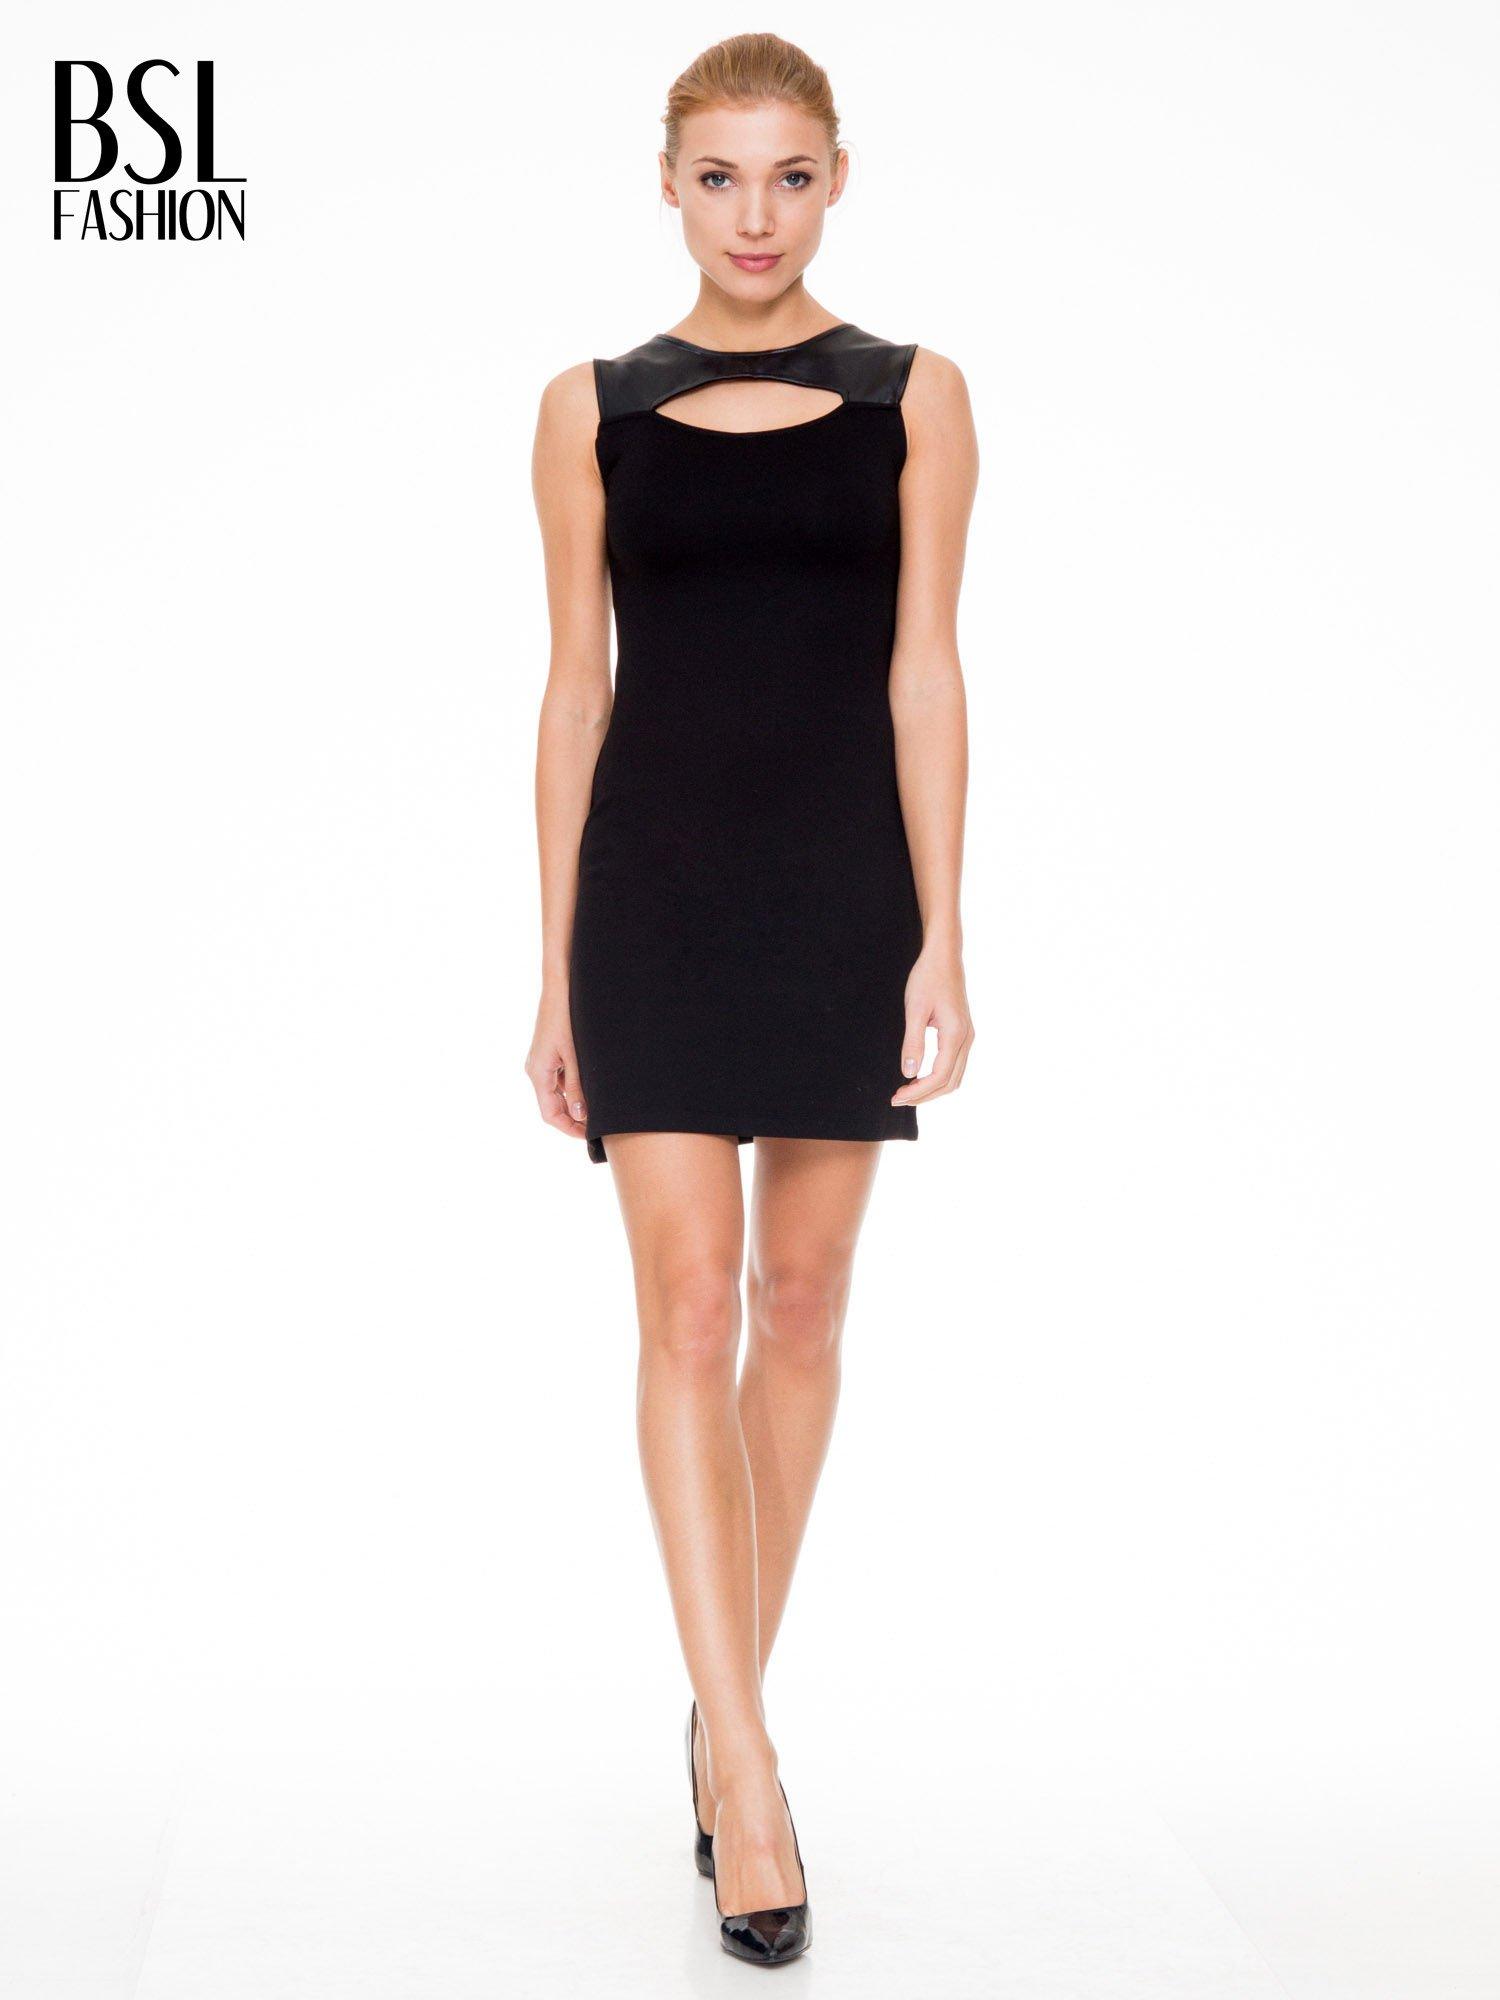 Czarna sukienka ze skórzaną górą i dekoltem typu cut out                                  zdj.                                  2